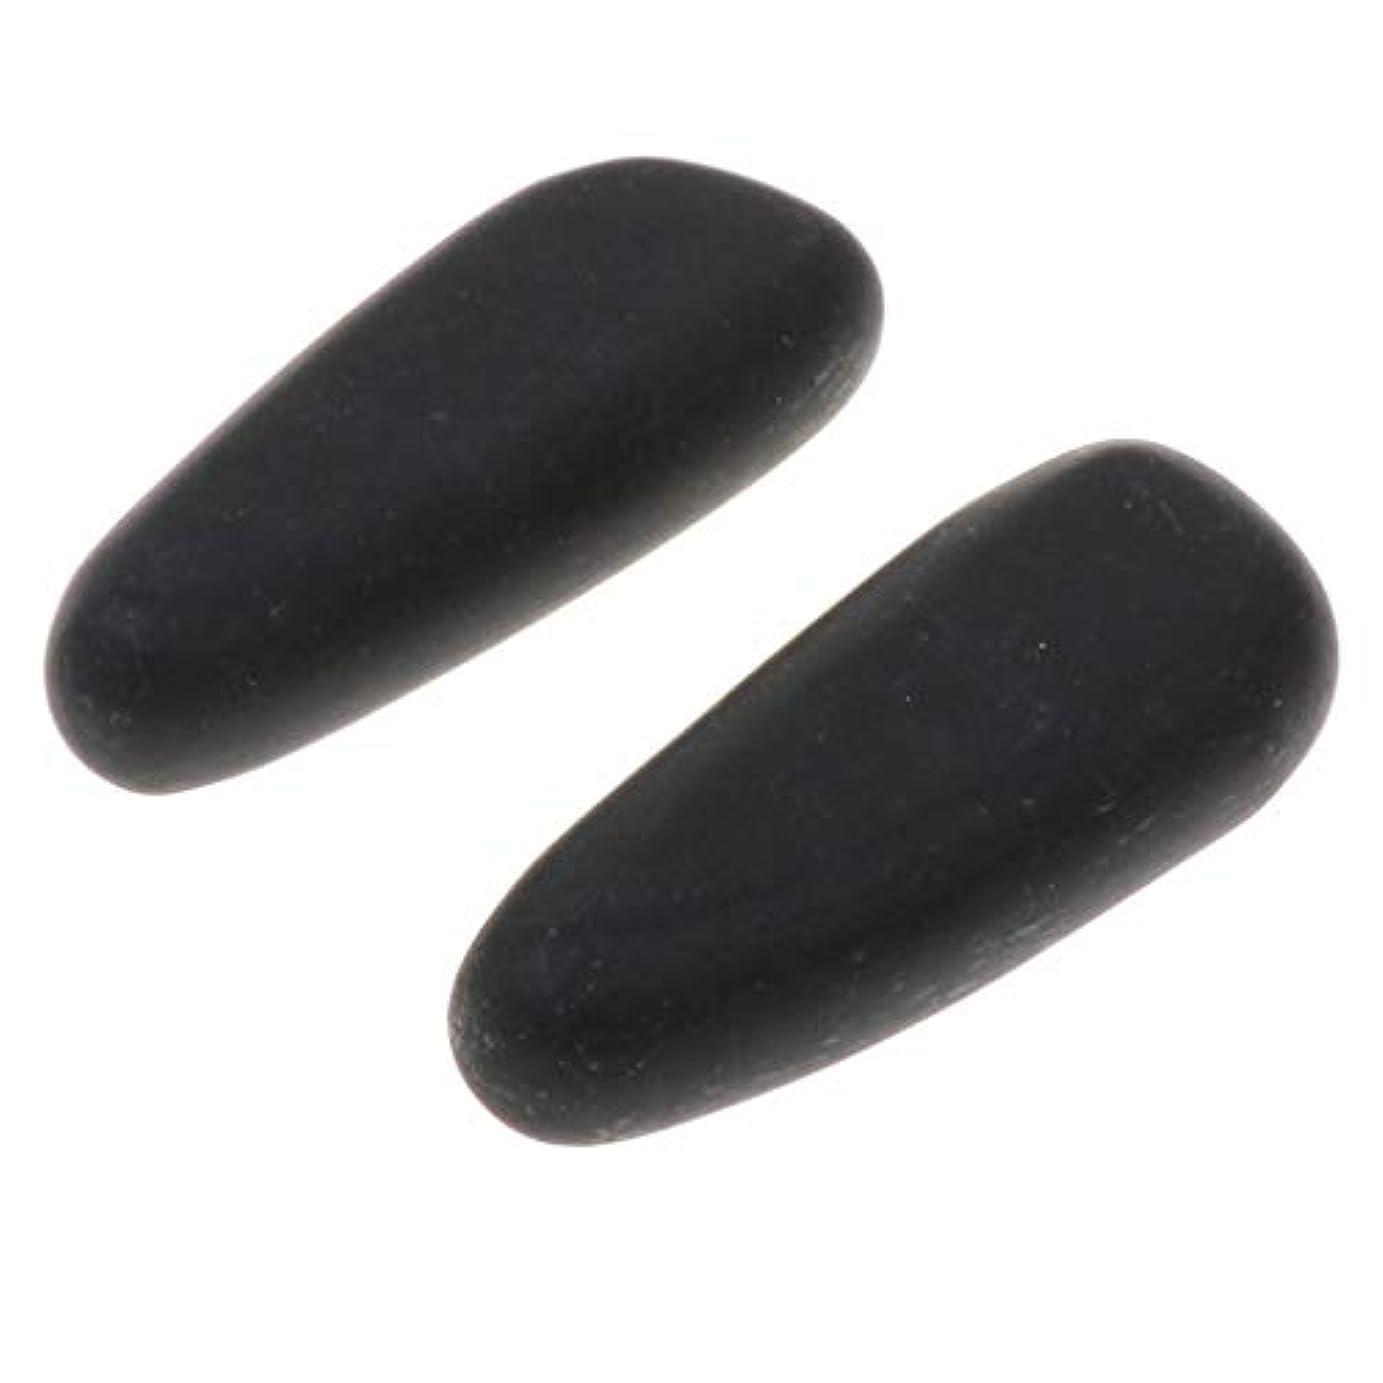 甘やかす湿原ふさわしいsharprepublic 天然石ホットストーン マッサージストーン 玄武岩 ボディマッサージ 実用 ツボ押しグッズ 2個 全2サイズ - 8×3.2×2cm